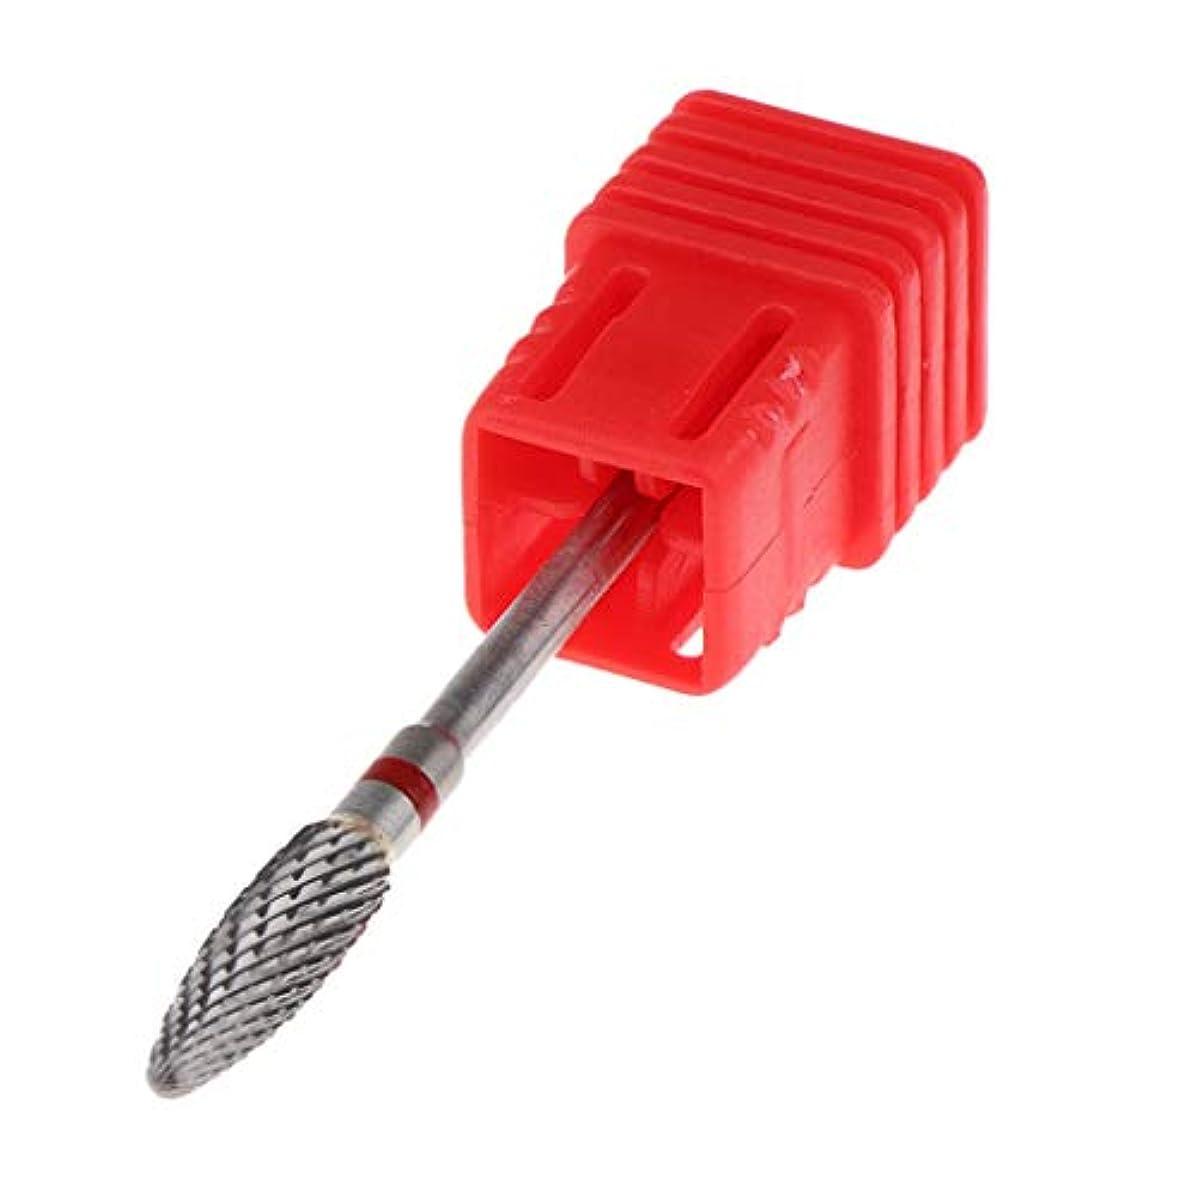 連想許さないソフィーgazechimp マニキュアドリルビット ネイルファイル 爪やすり ネイル道具 全10選択 - 03